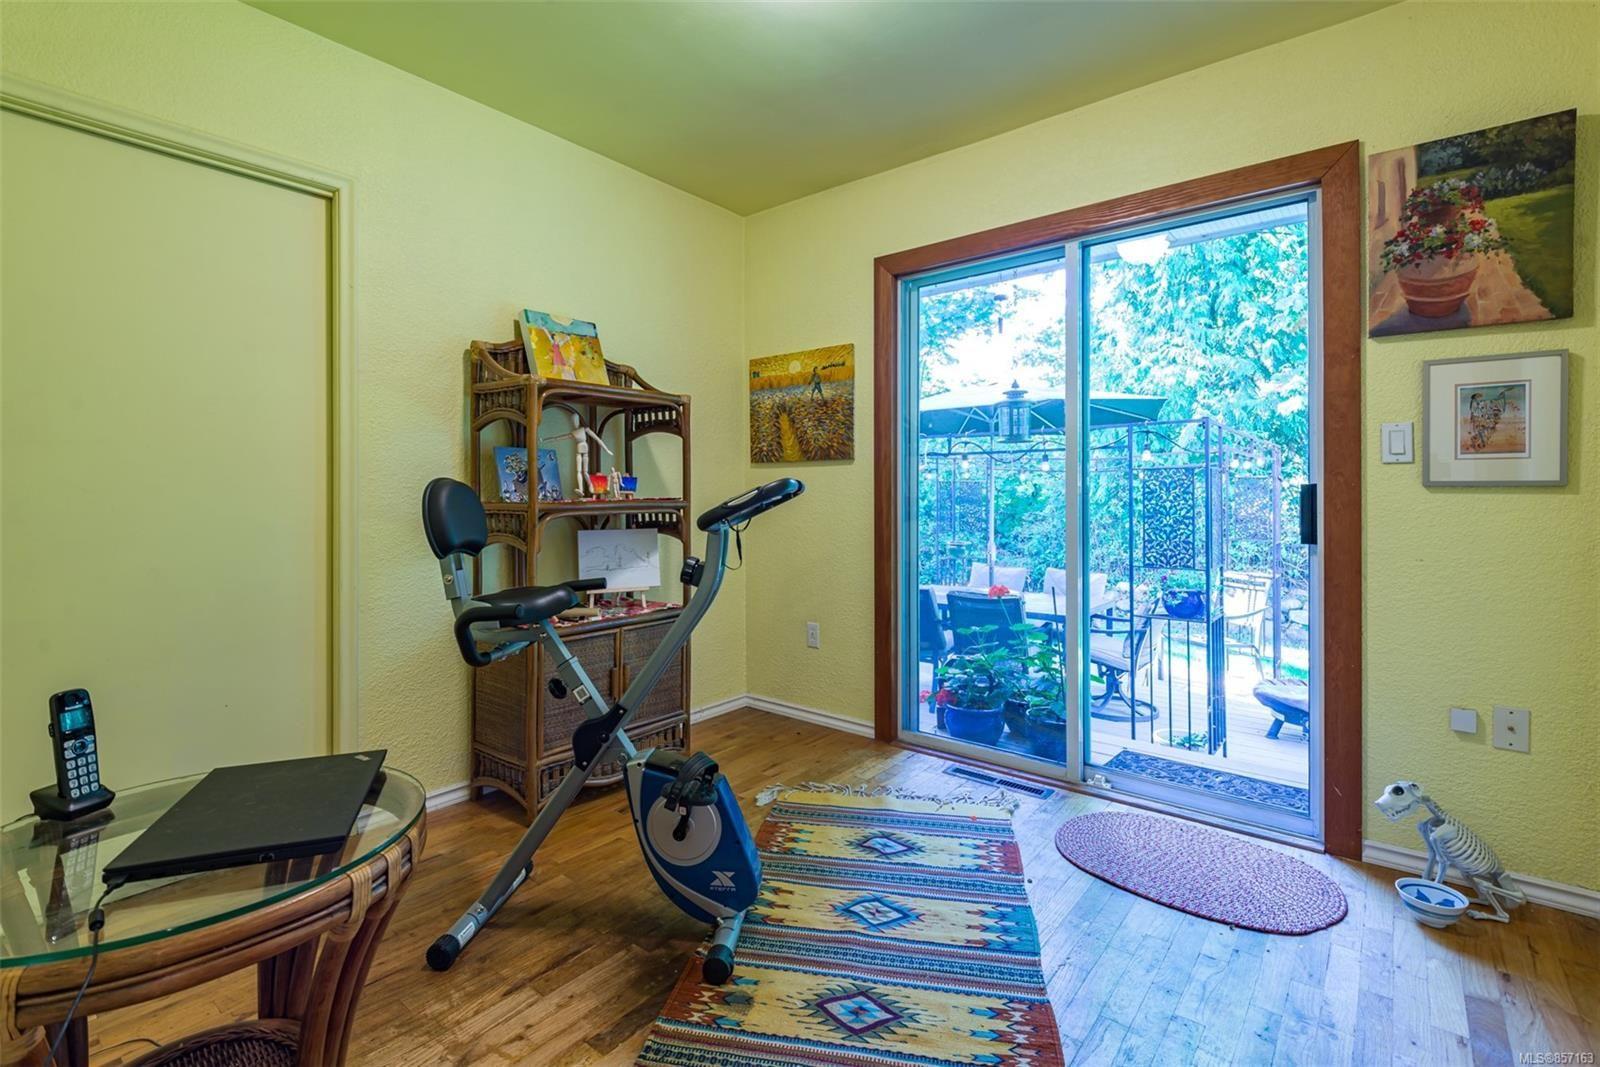 Photo 26: Photos: 4241 Buddington Rd in : CV Courtenay South House for sale (Comox Valley)  : MLS®# 857163